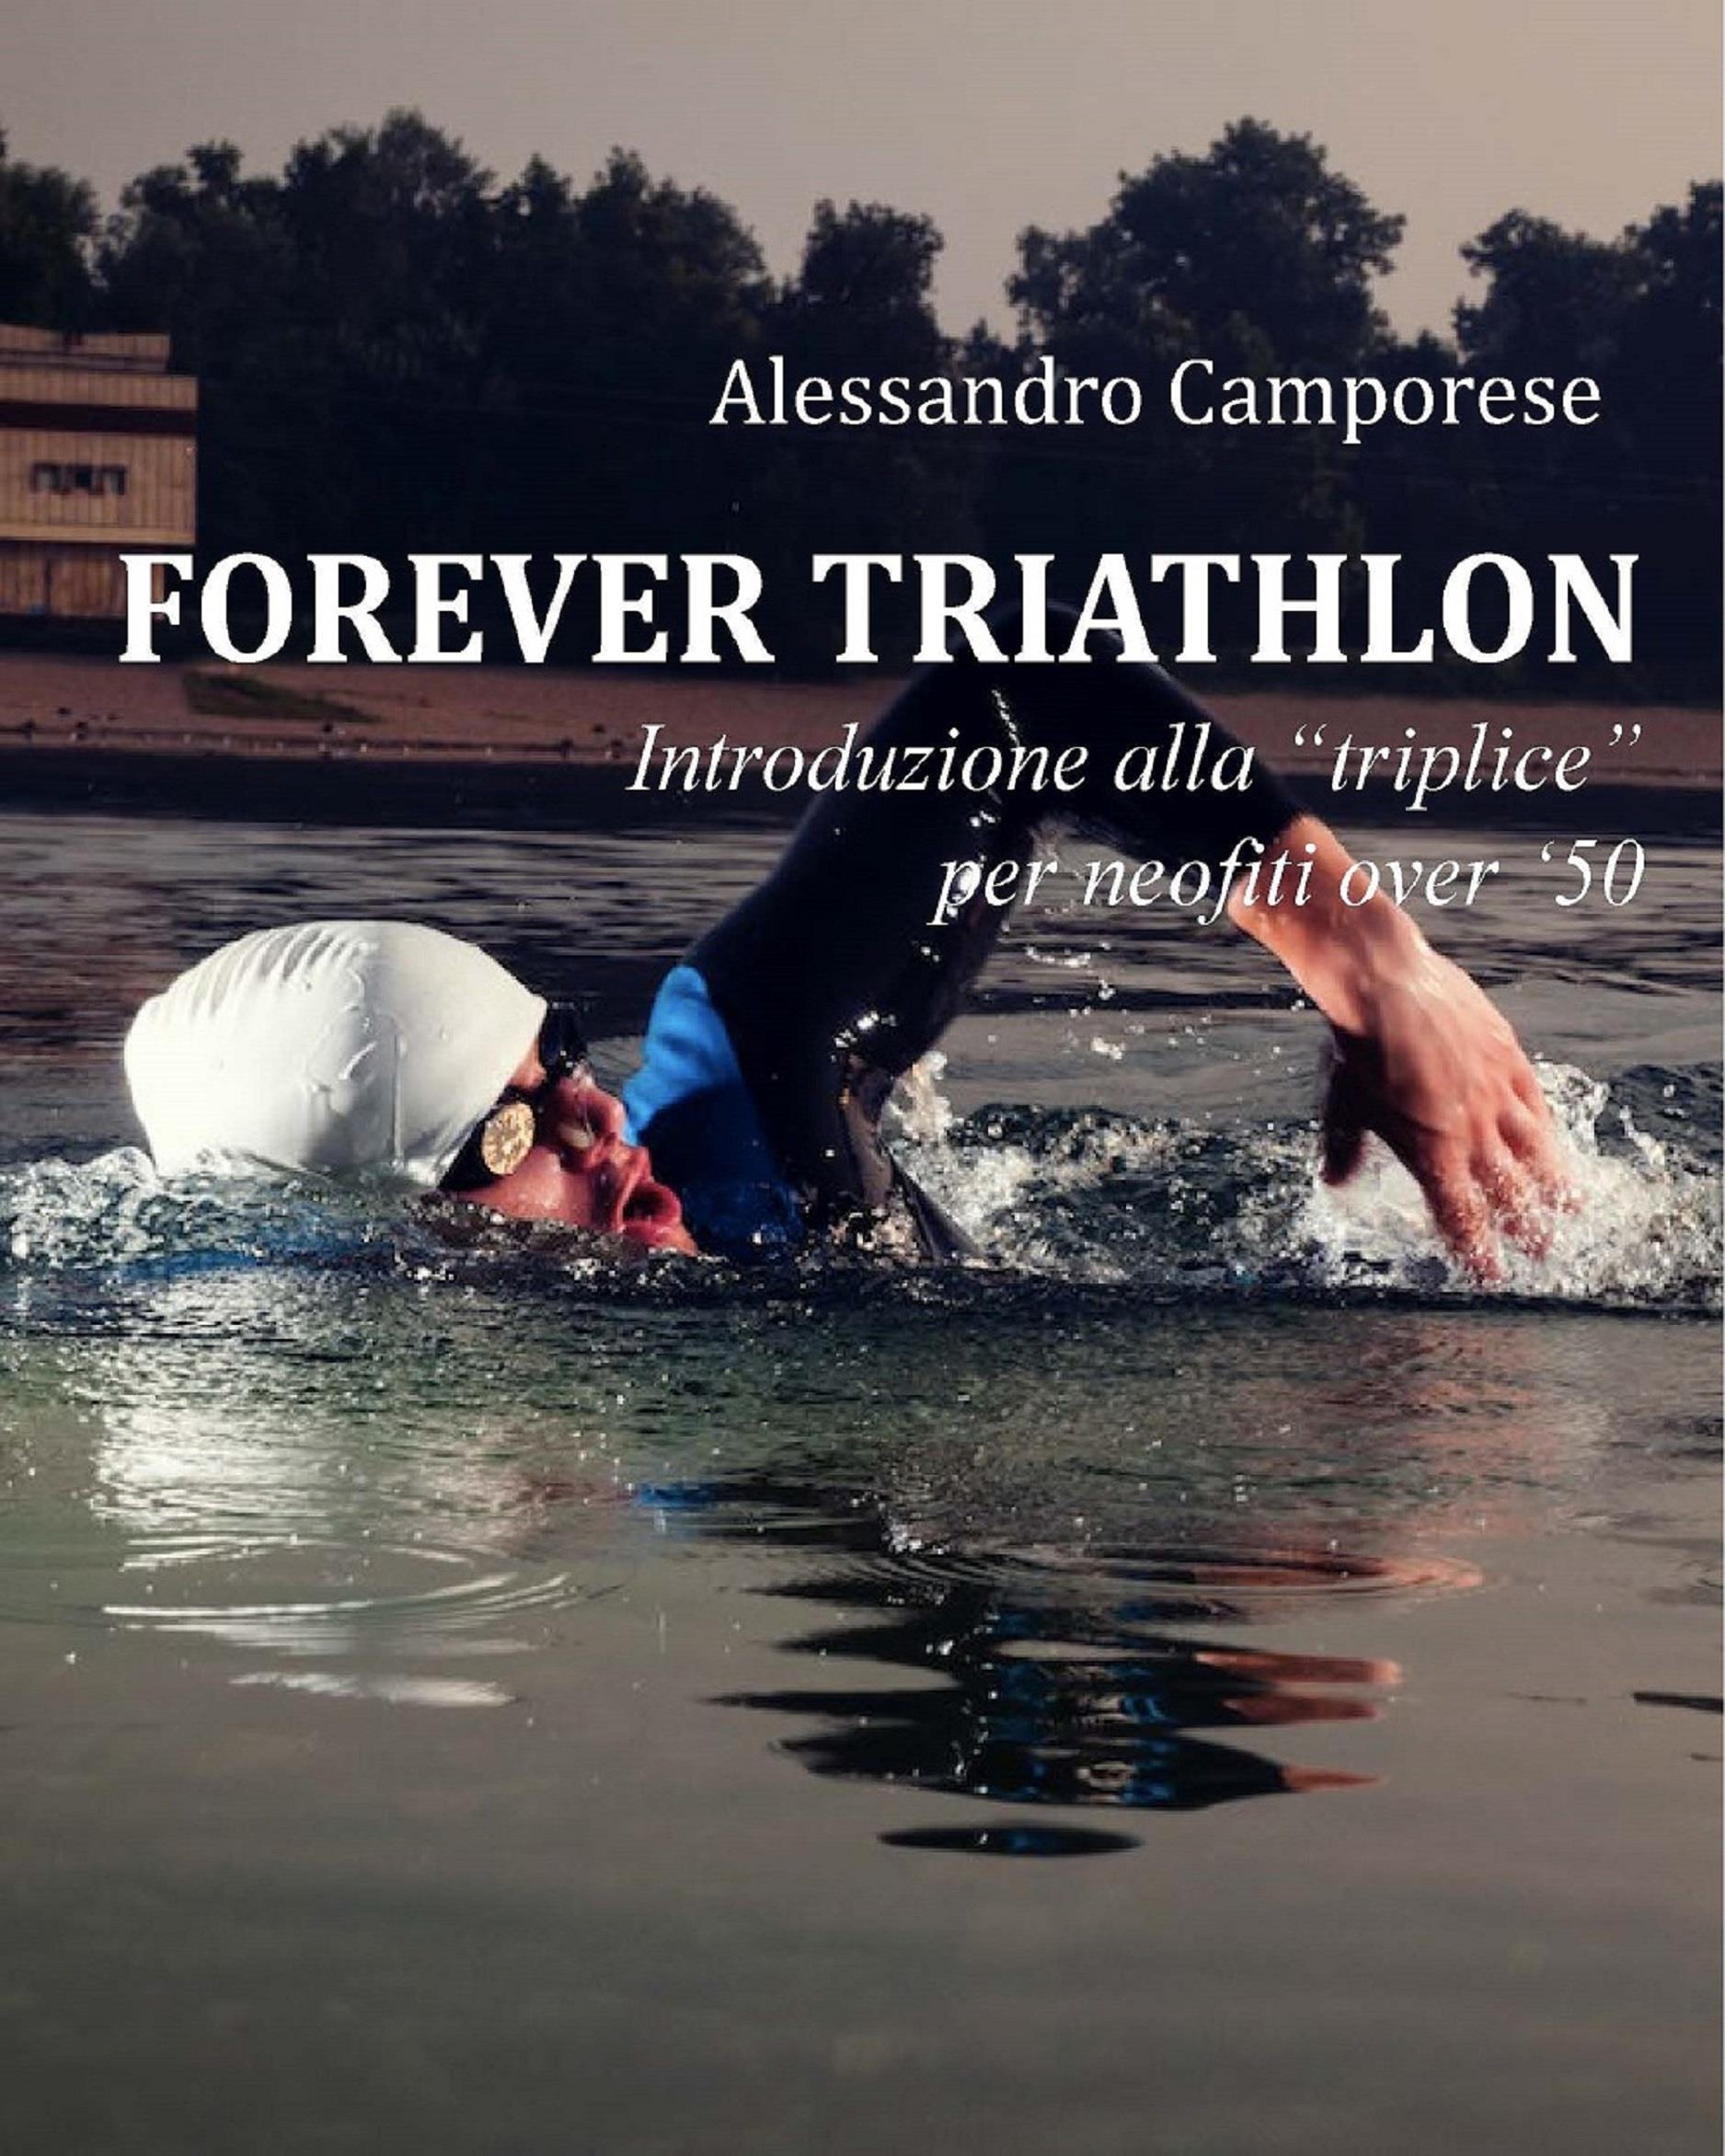 Forever Triathlon